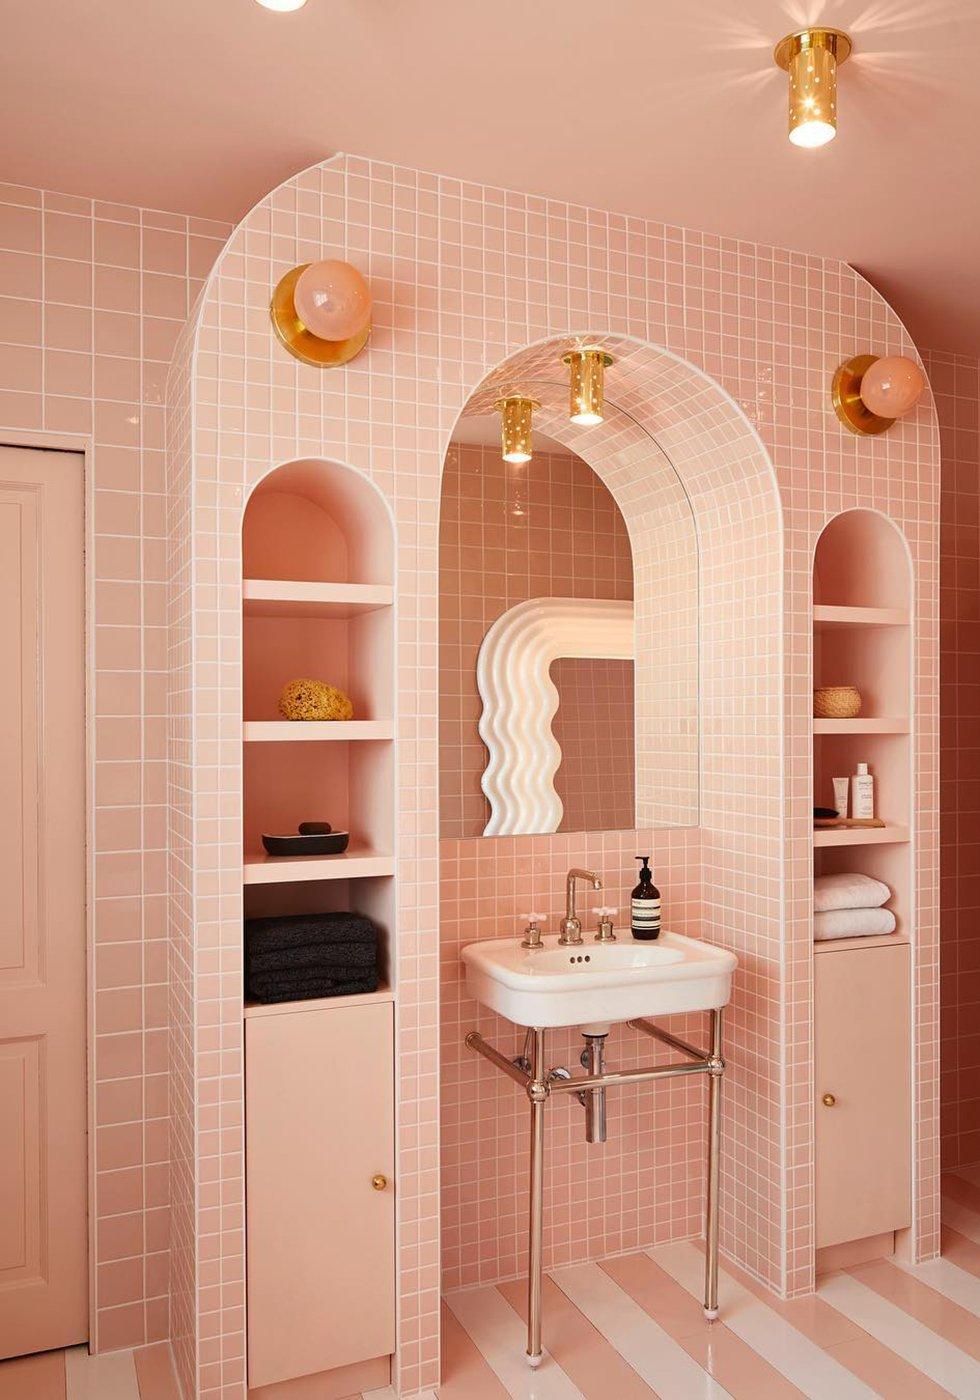 pinkbathroom5